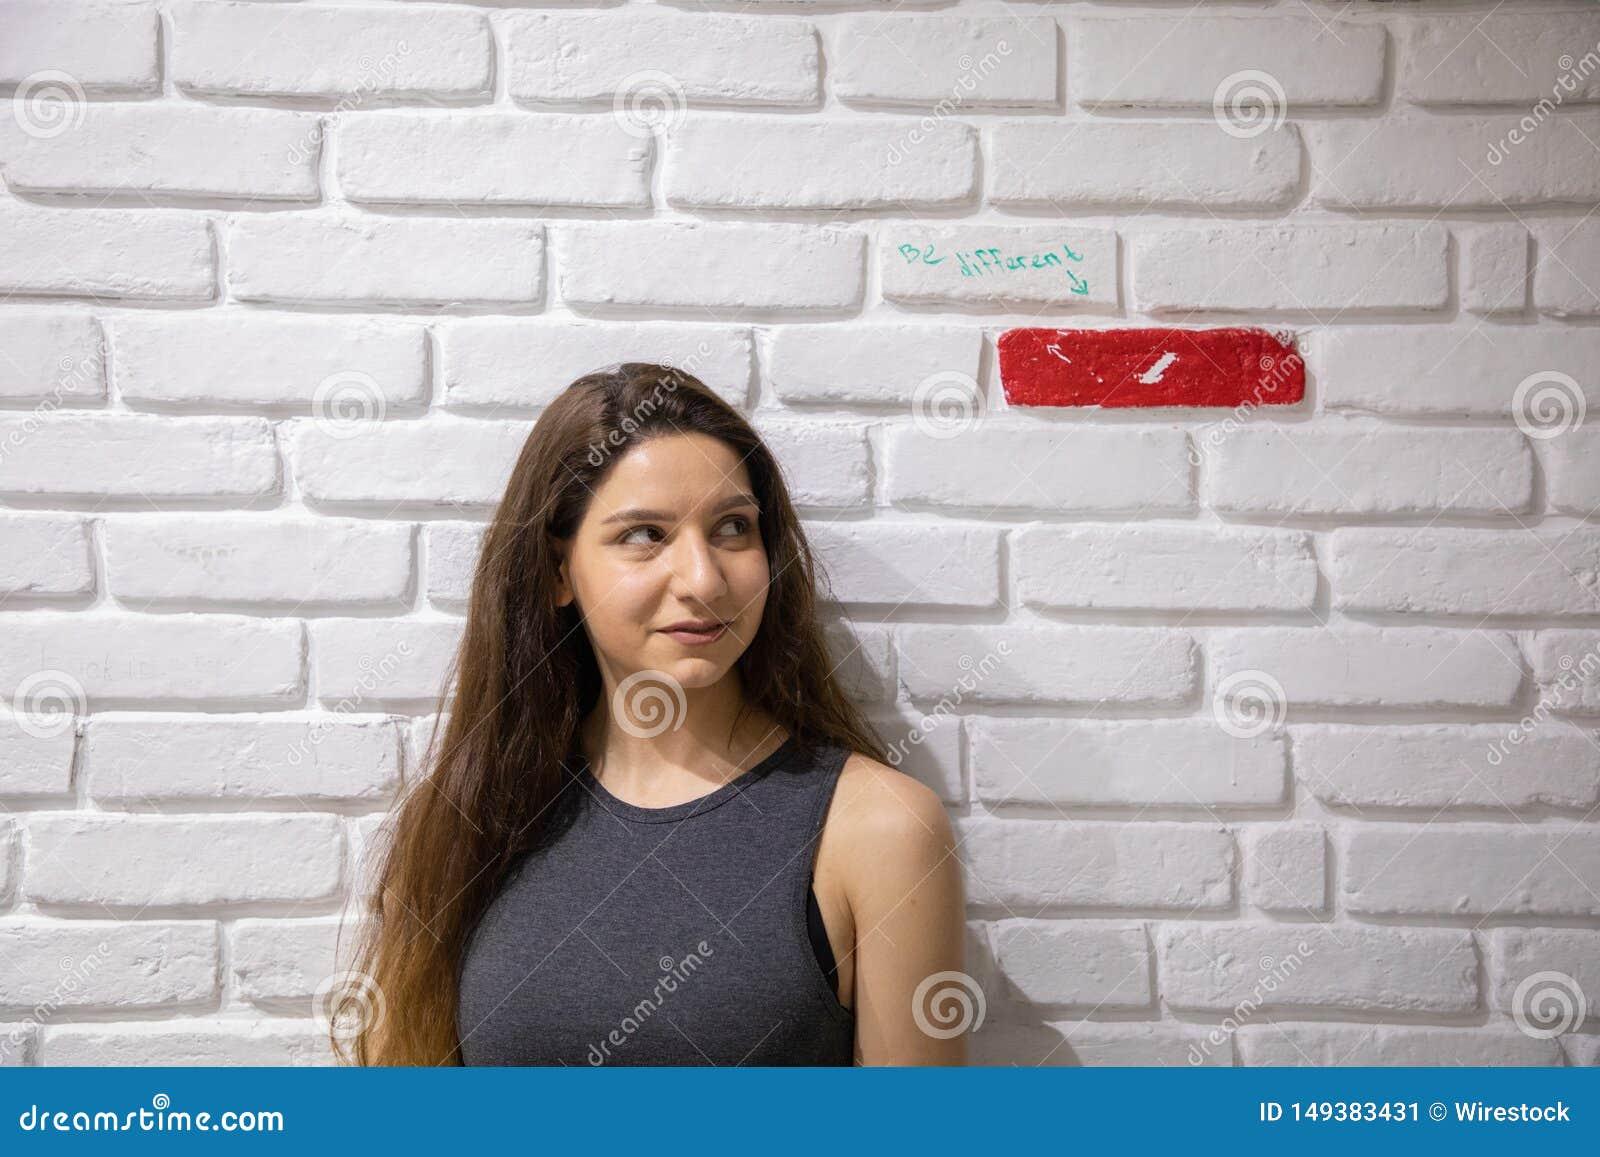 Привлекательное женское модельное положение около белой кирпичной стены с одиночным красным кирпичом